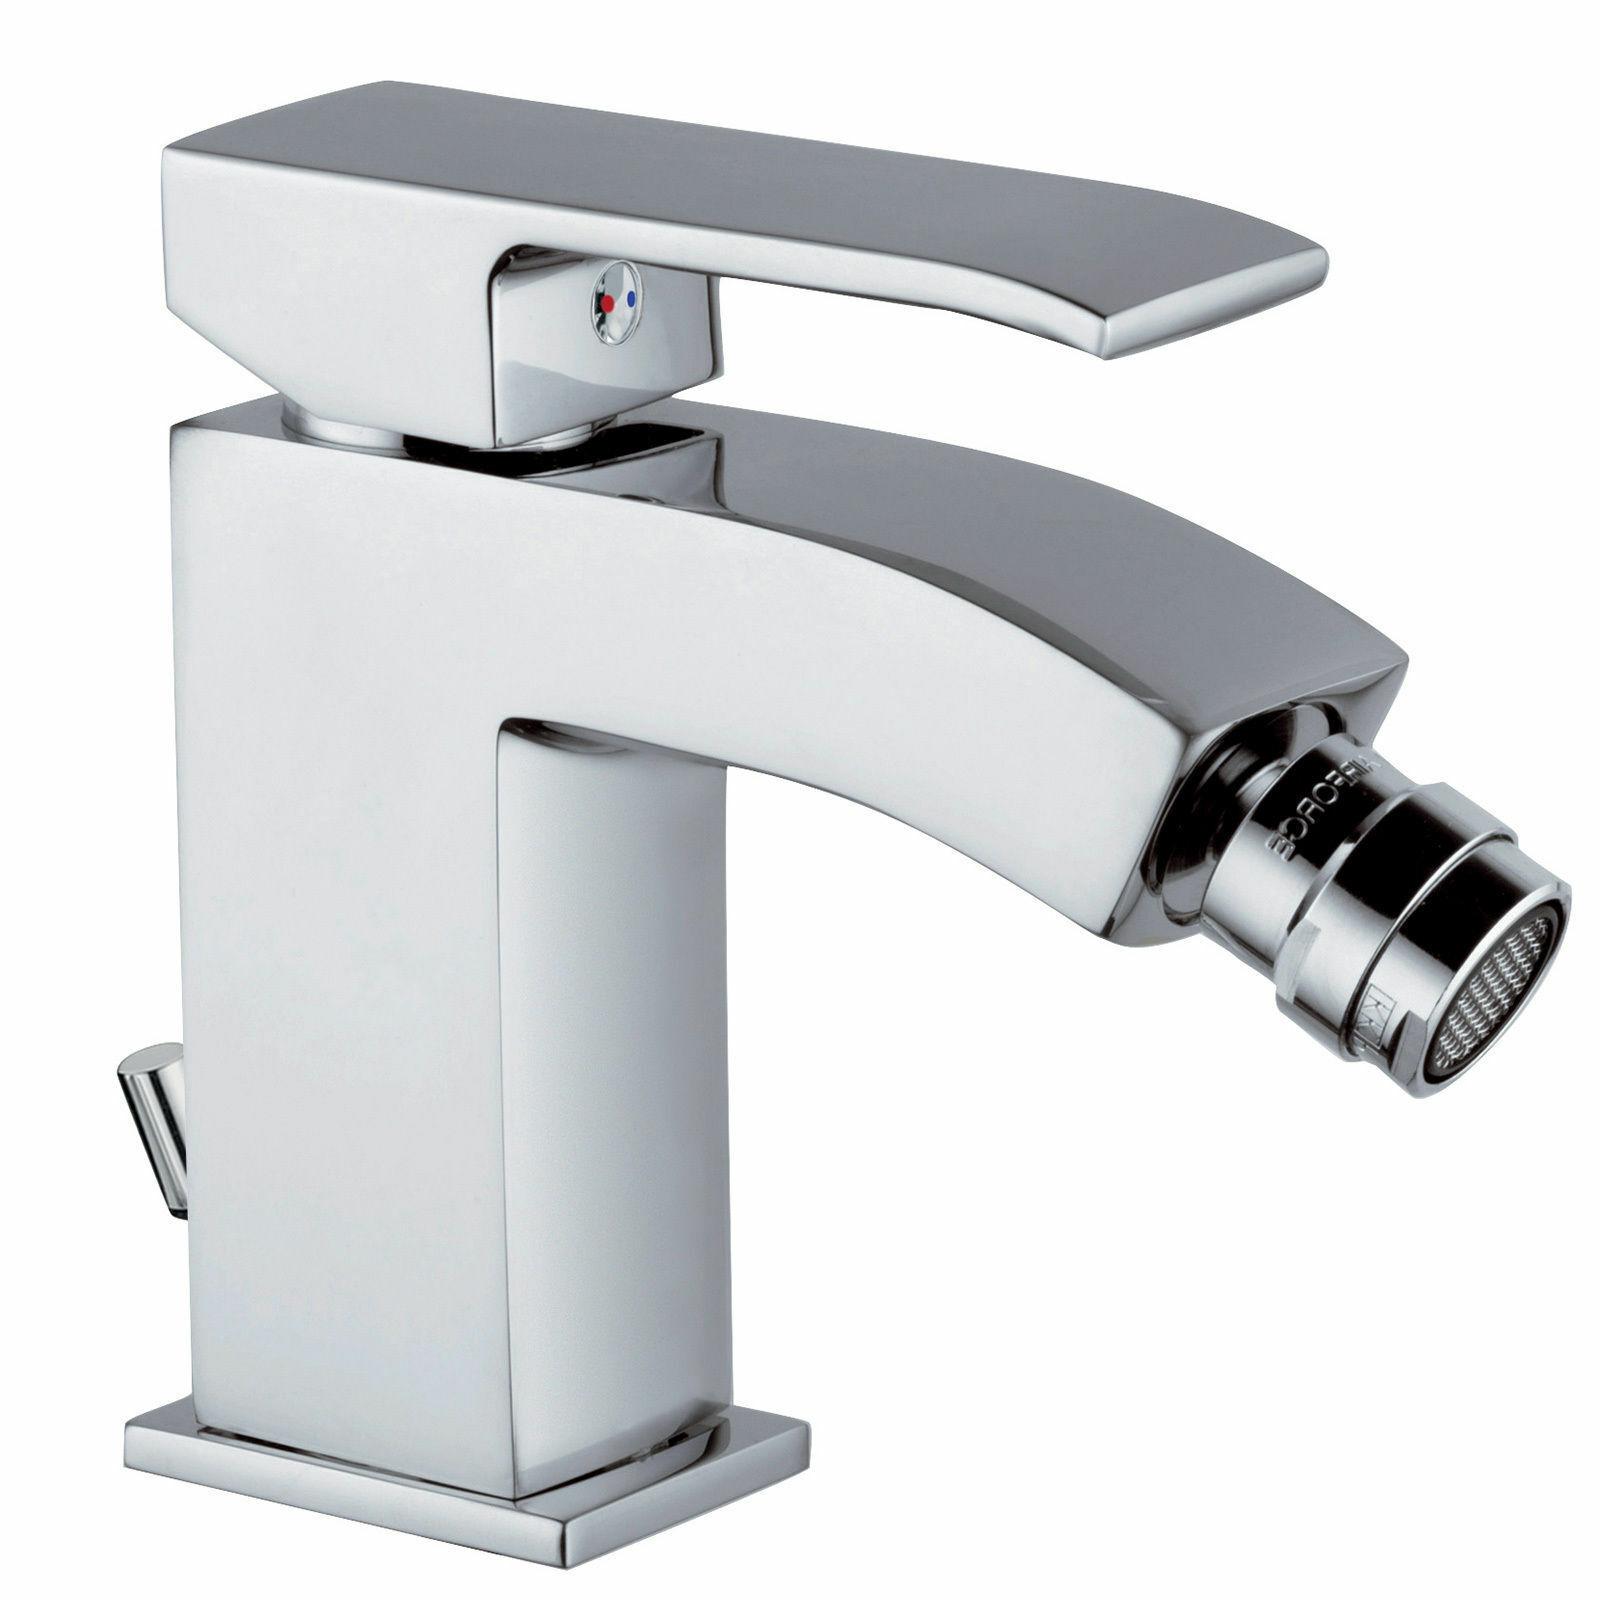 Miscelatore bidet Level Paffoni rubinetti design quadrato qualita' Made in